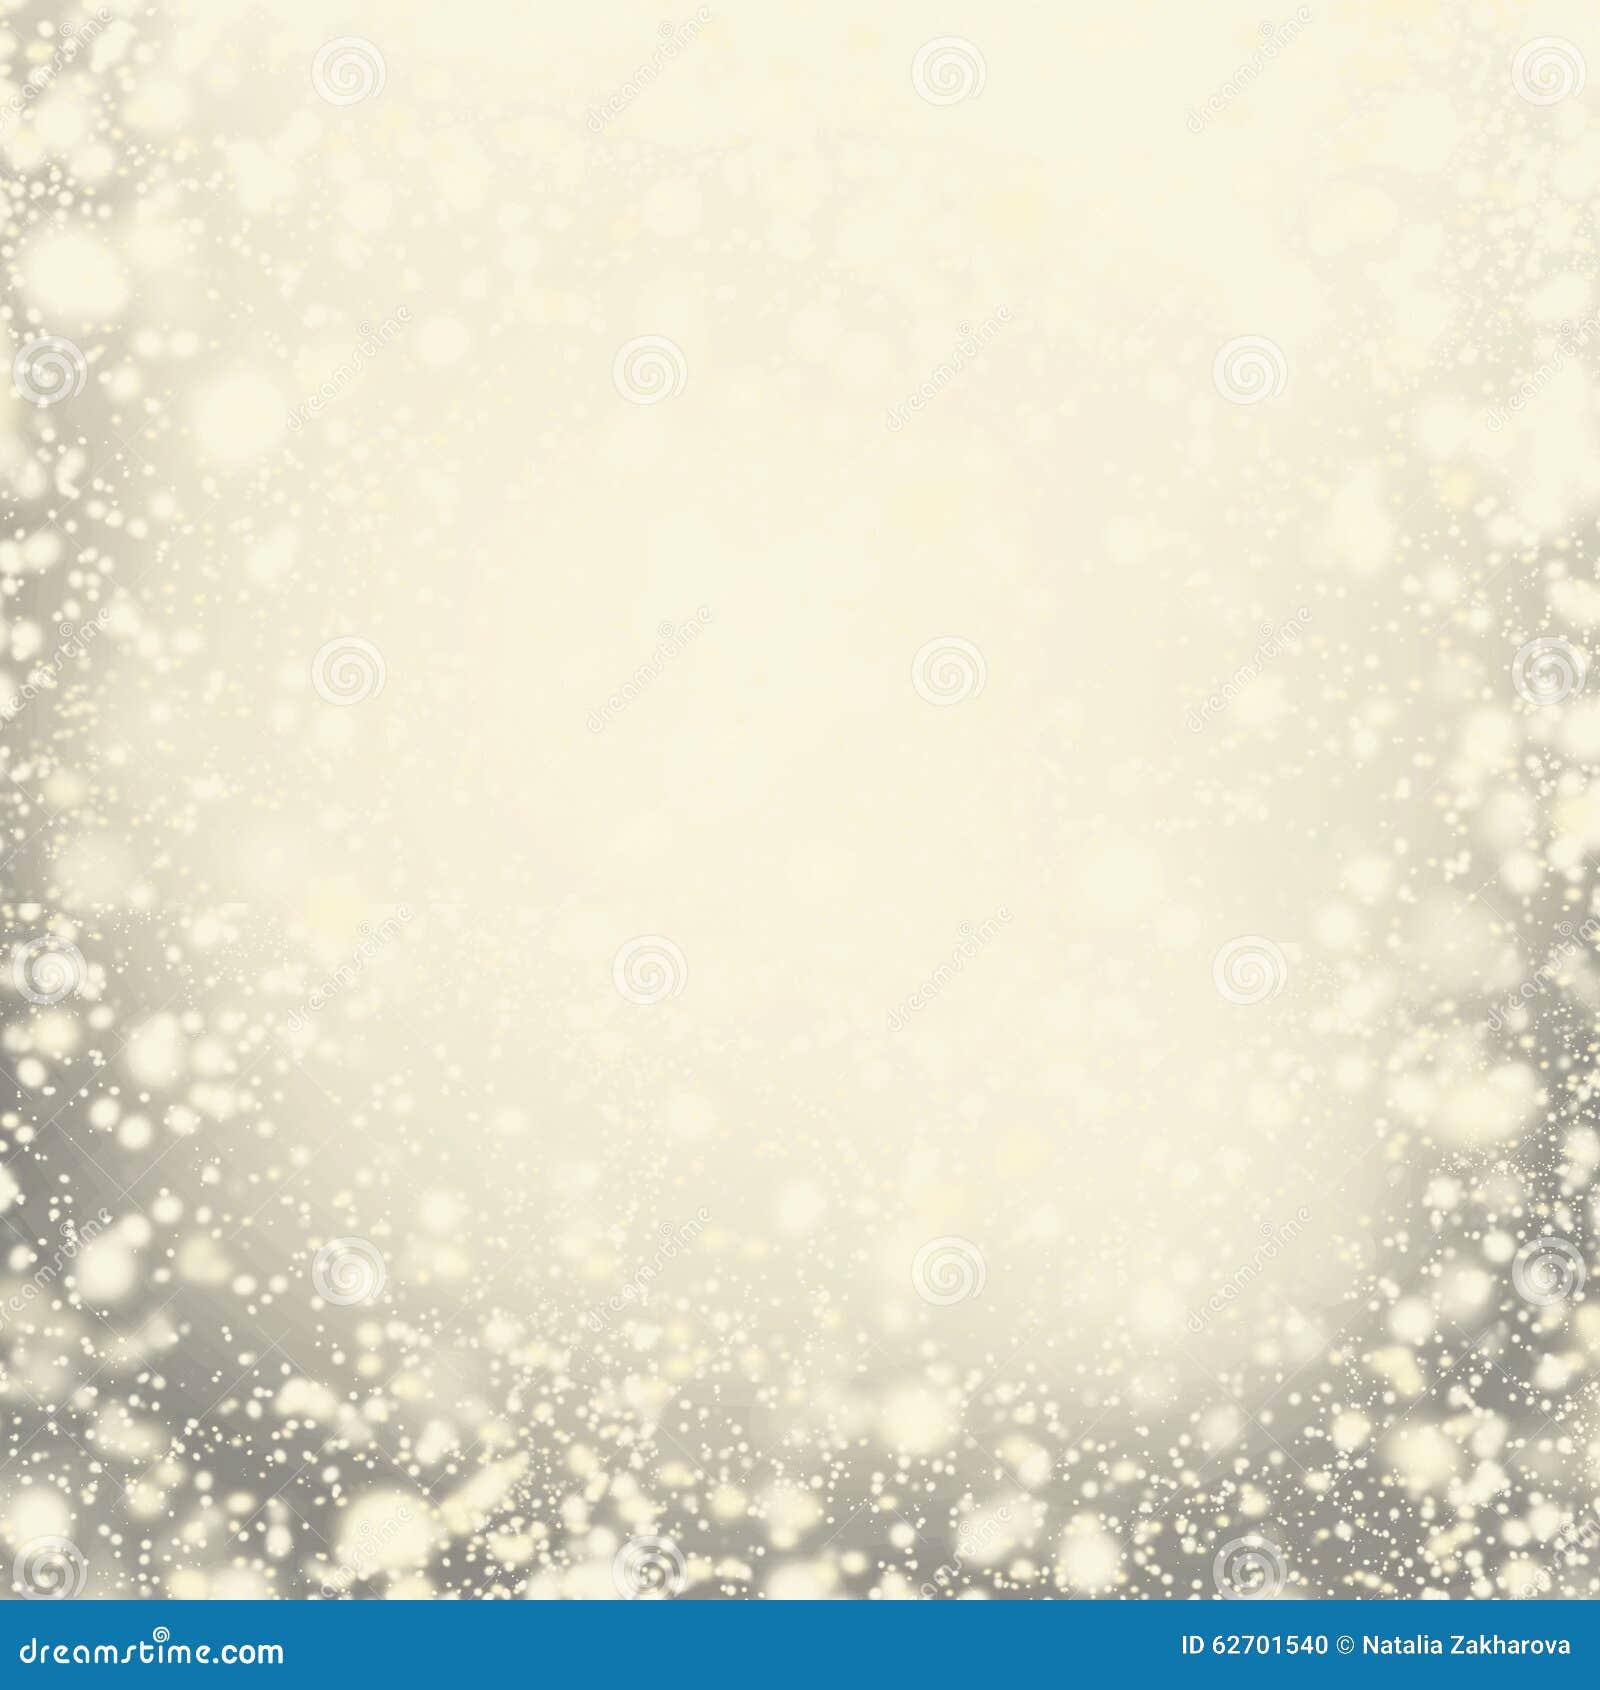 Background bulbs christmas defocused image lights Χρυσές διακοπές αφηρημένο Defocused Β